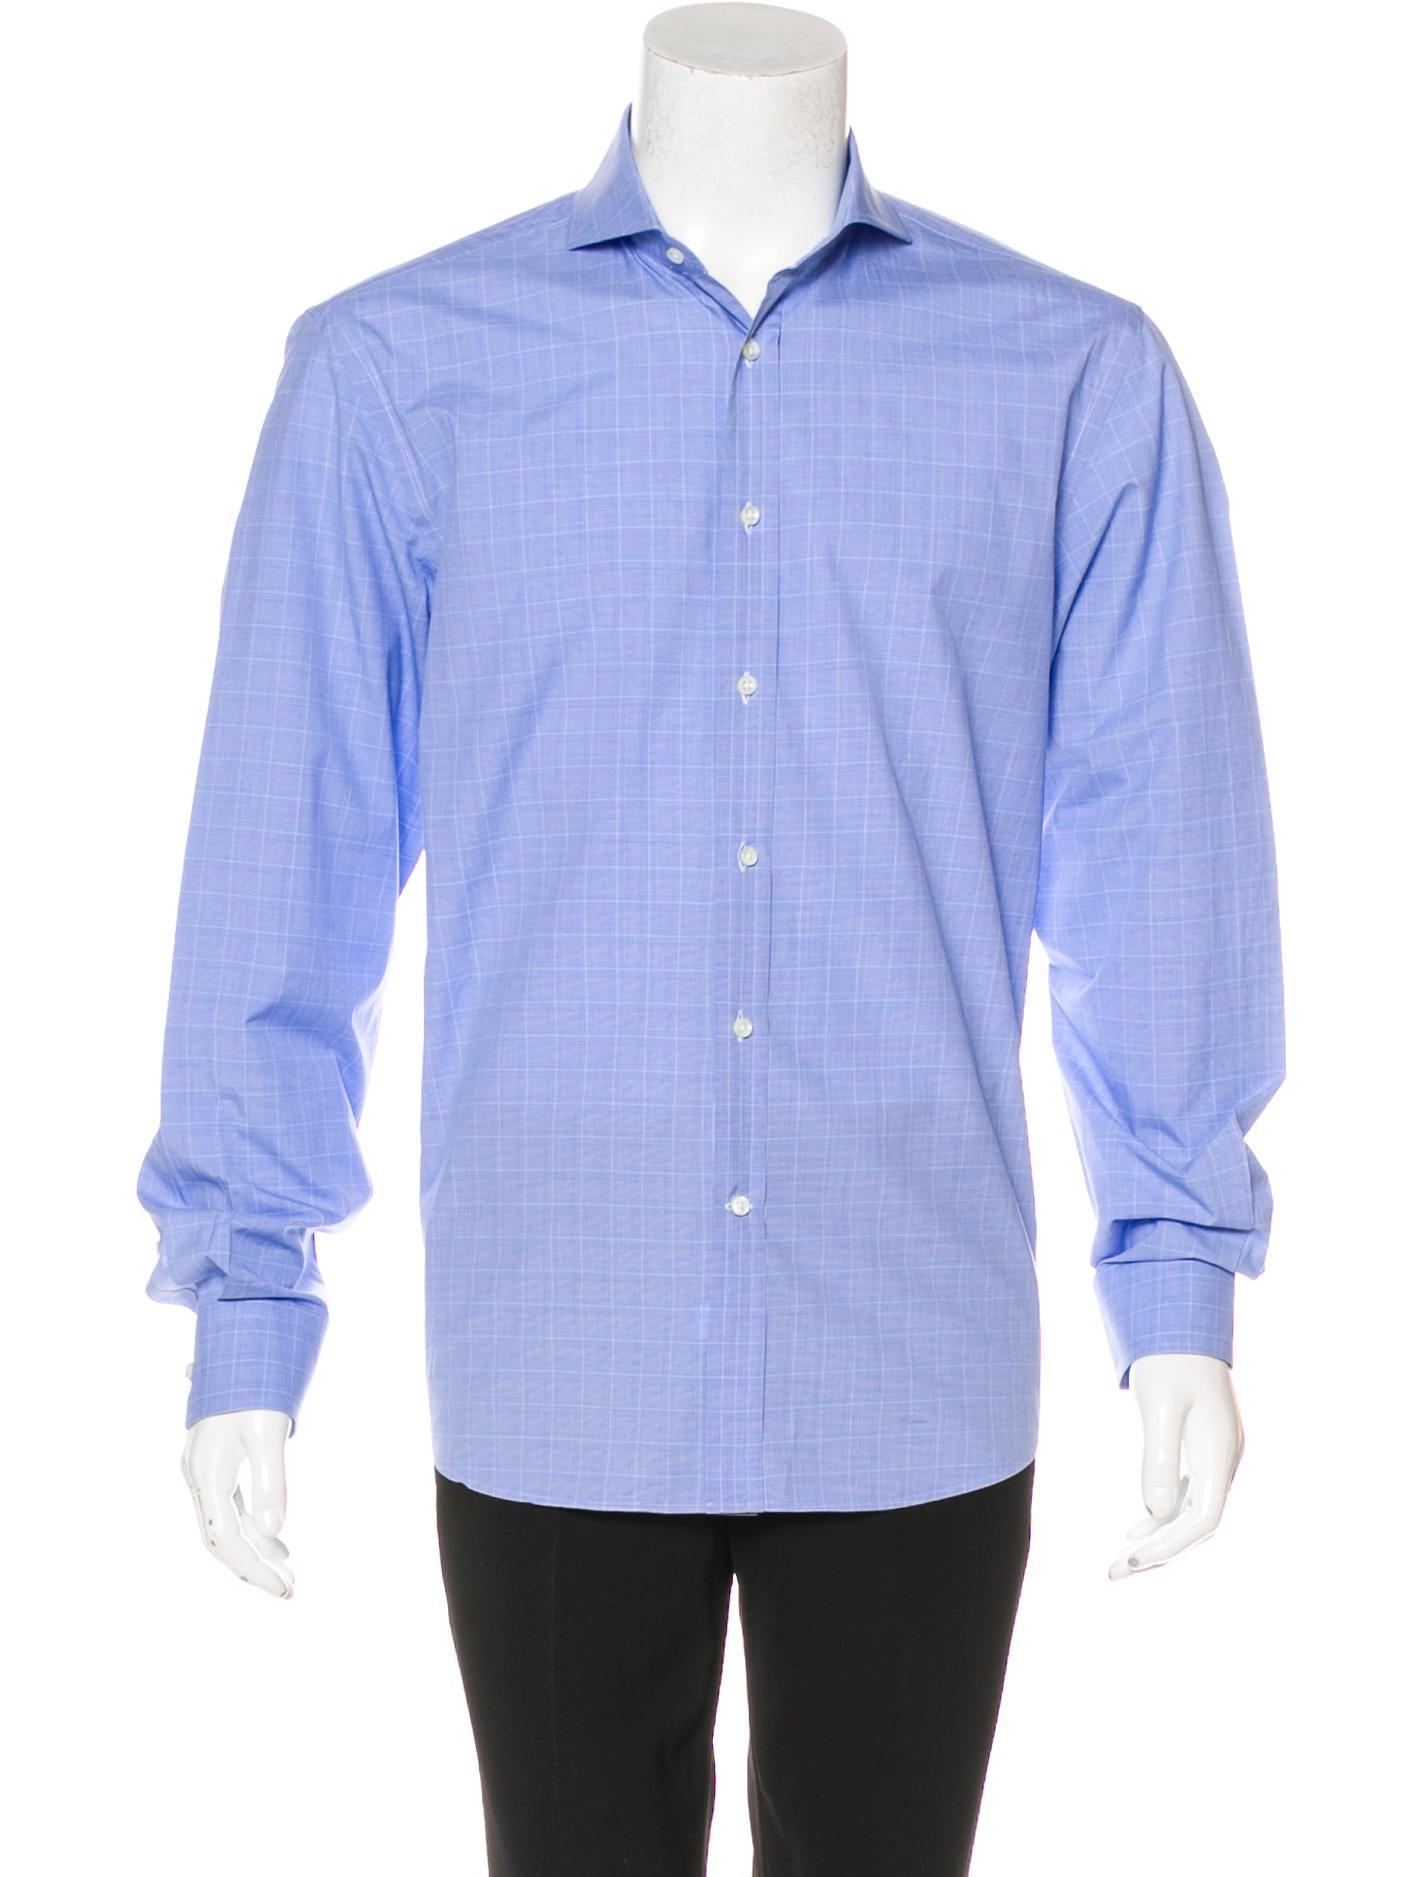 Ralph lauren purple label glen plaid button up shirt for Purple plaid button up shirt